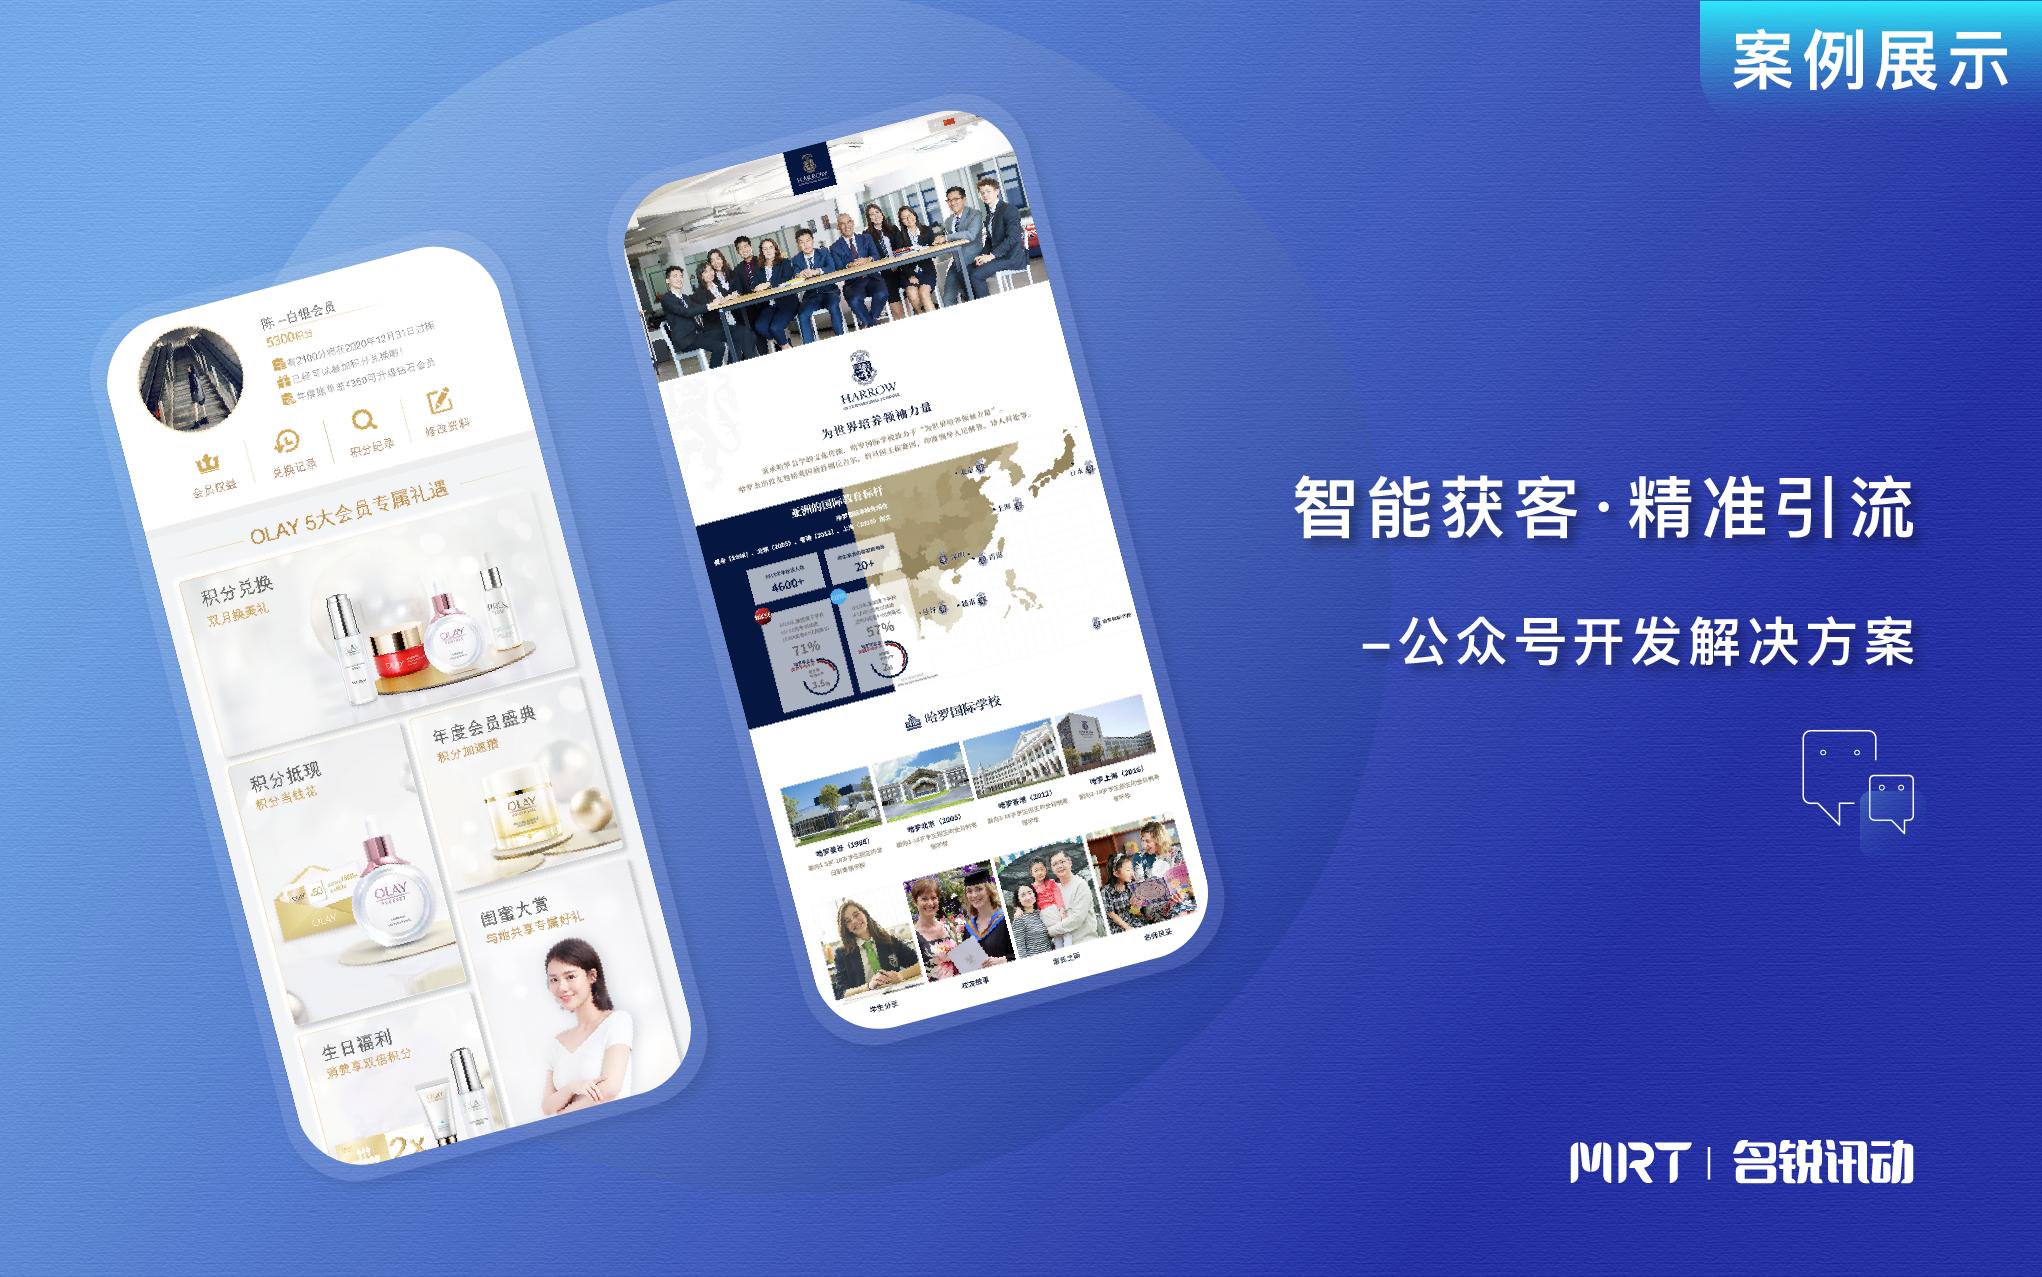 微信公众号开发|商城建设平台多用户分销系统微商城H5定制开发